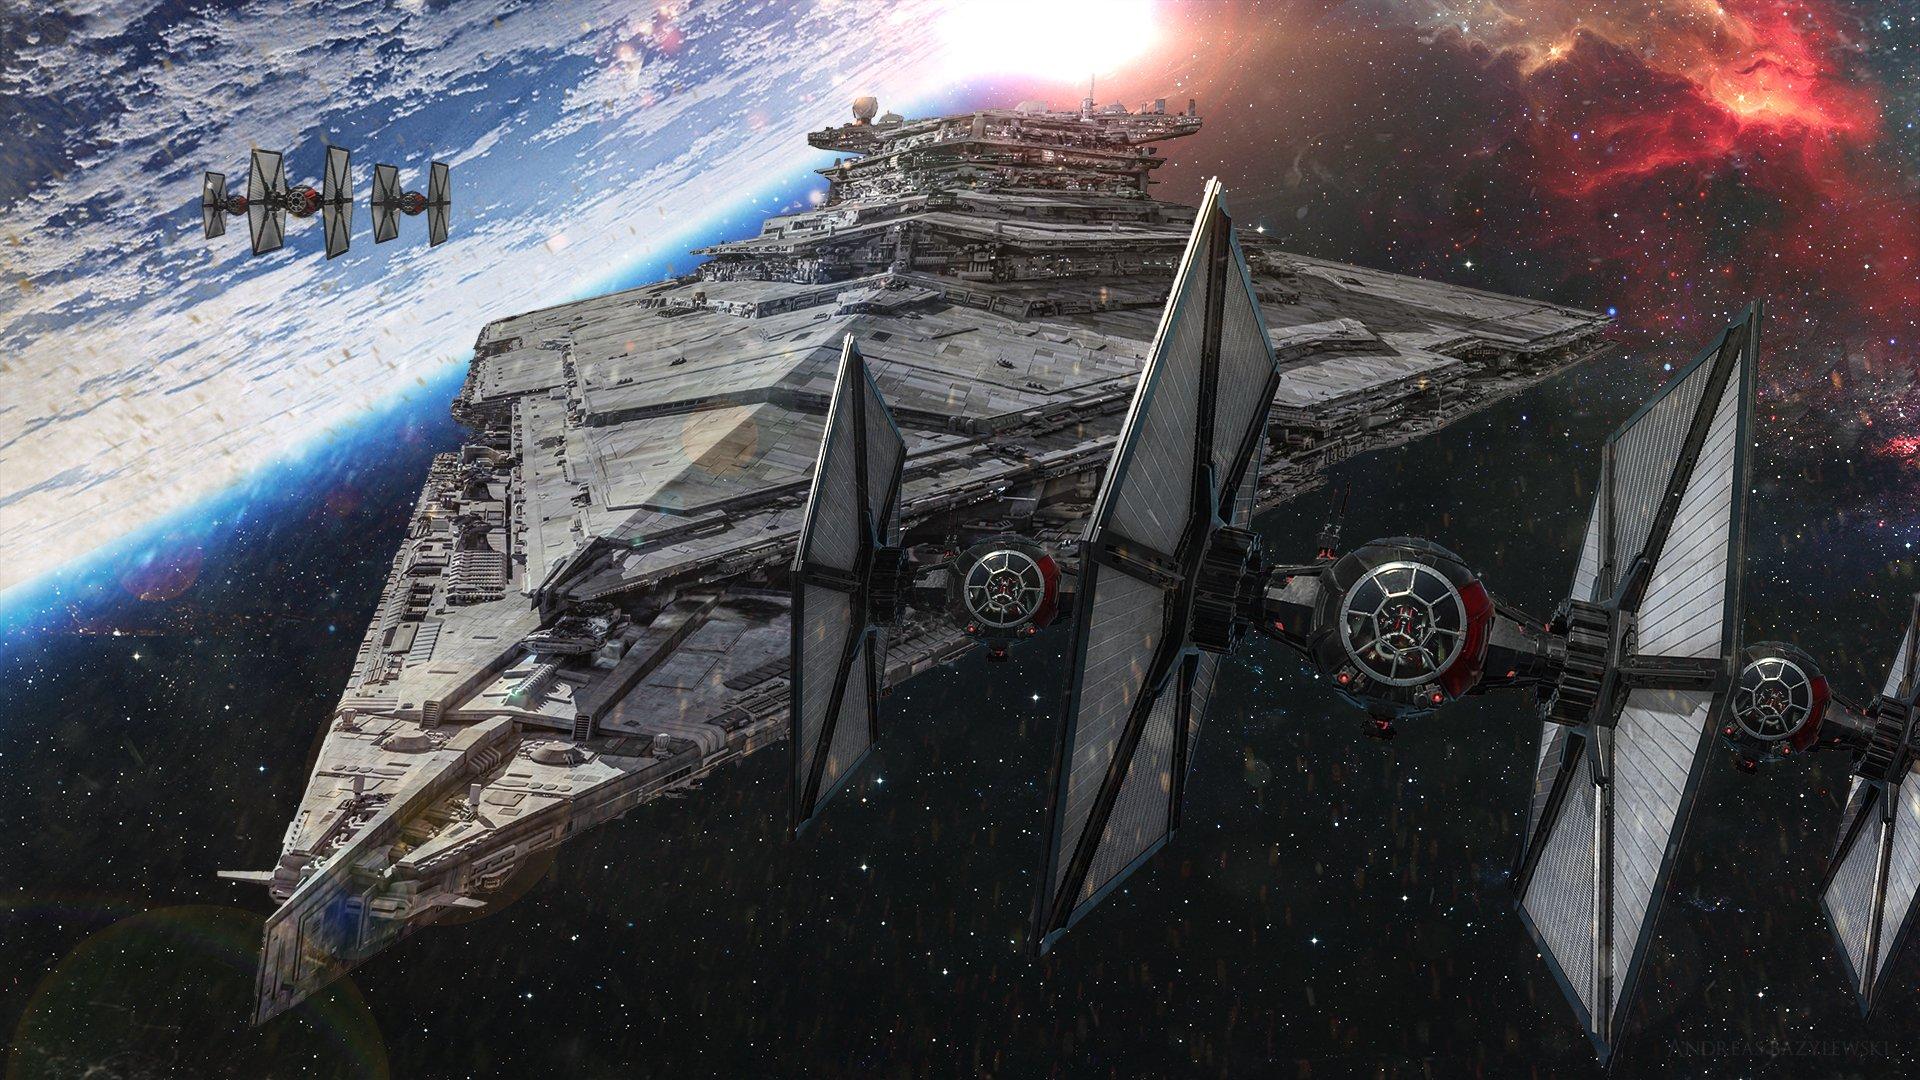 """Это было звездато. Рецензия на """"Звёздные войны: Пробуждение силы"""" - Изображение 5"""